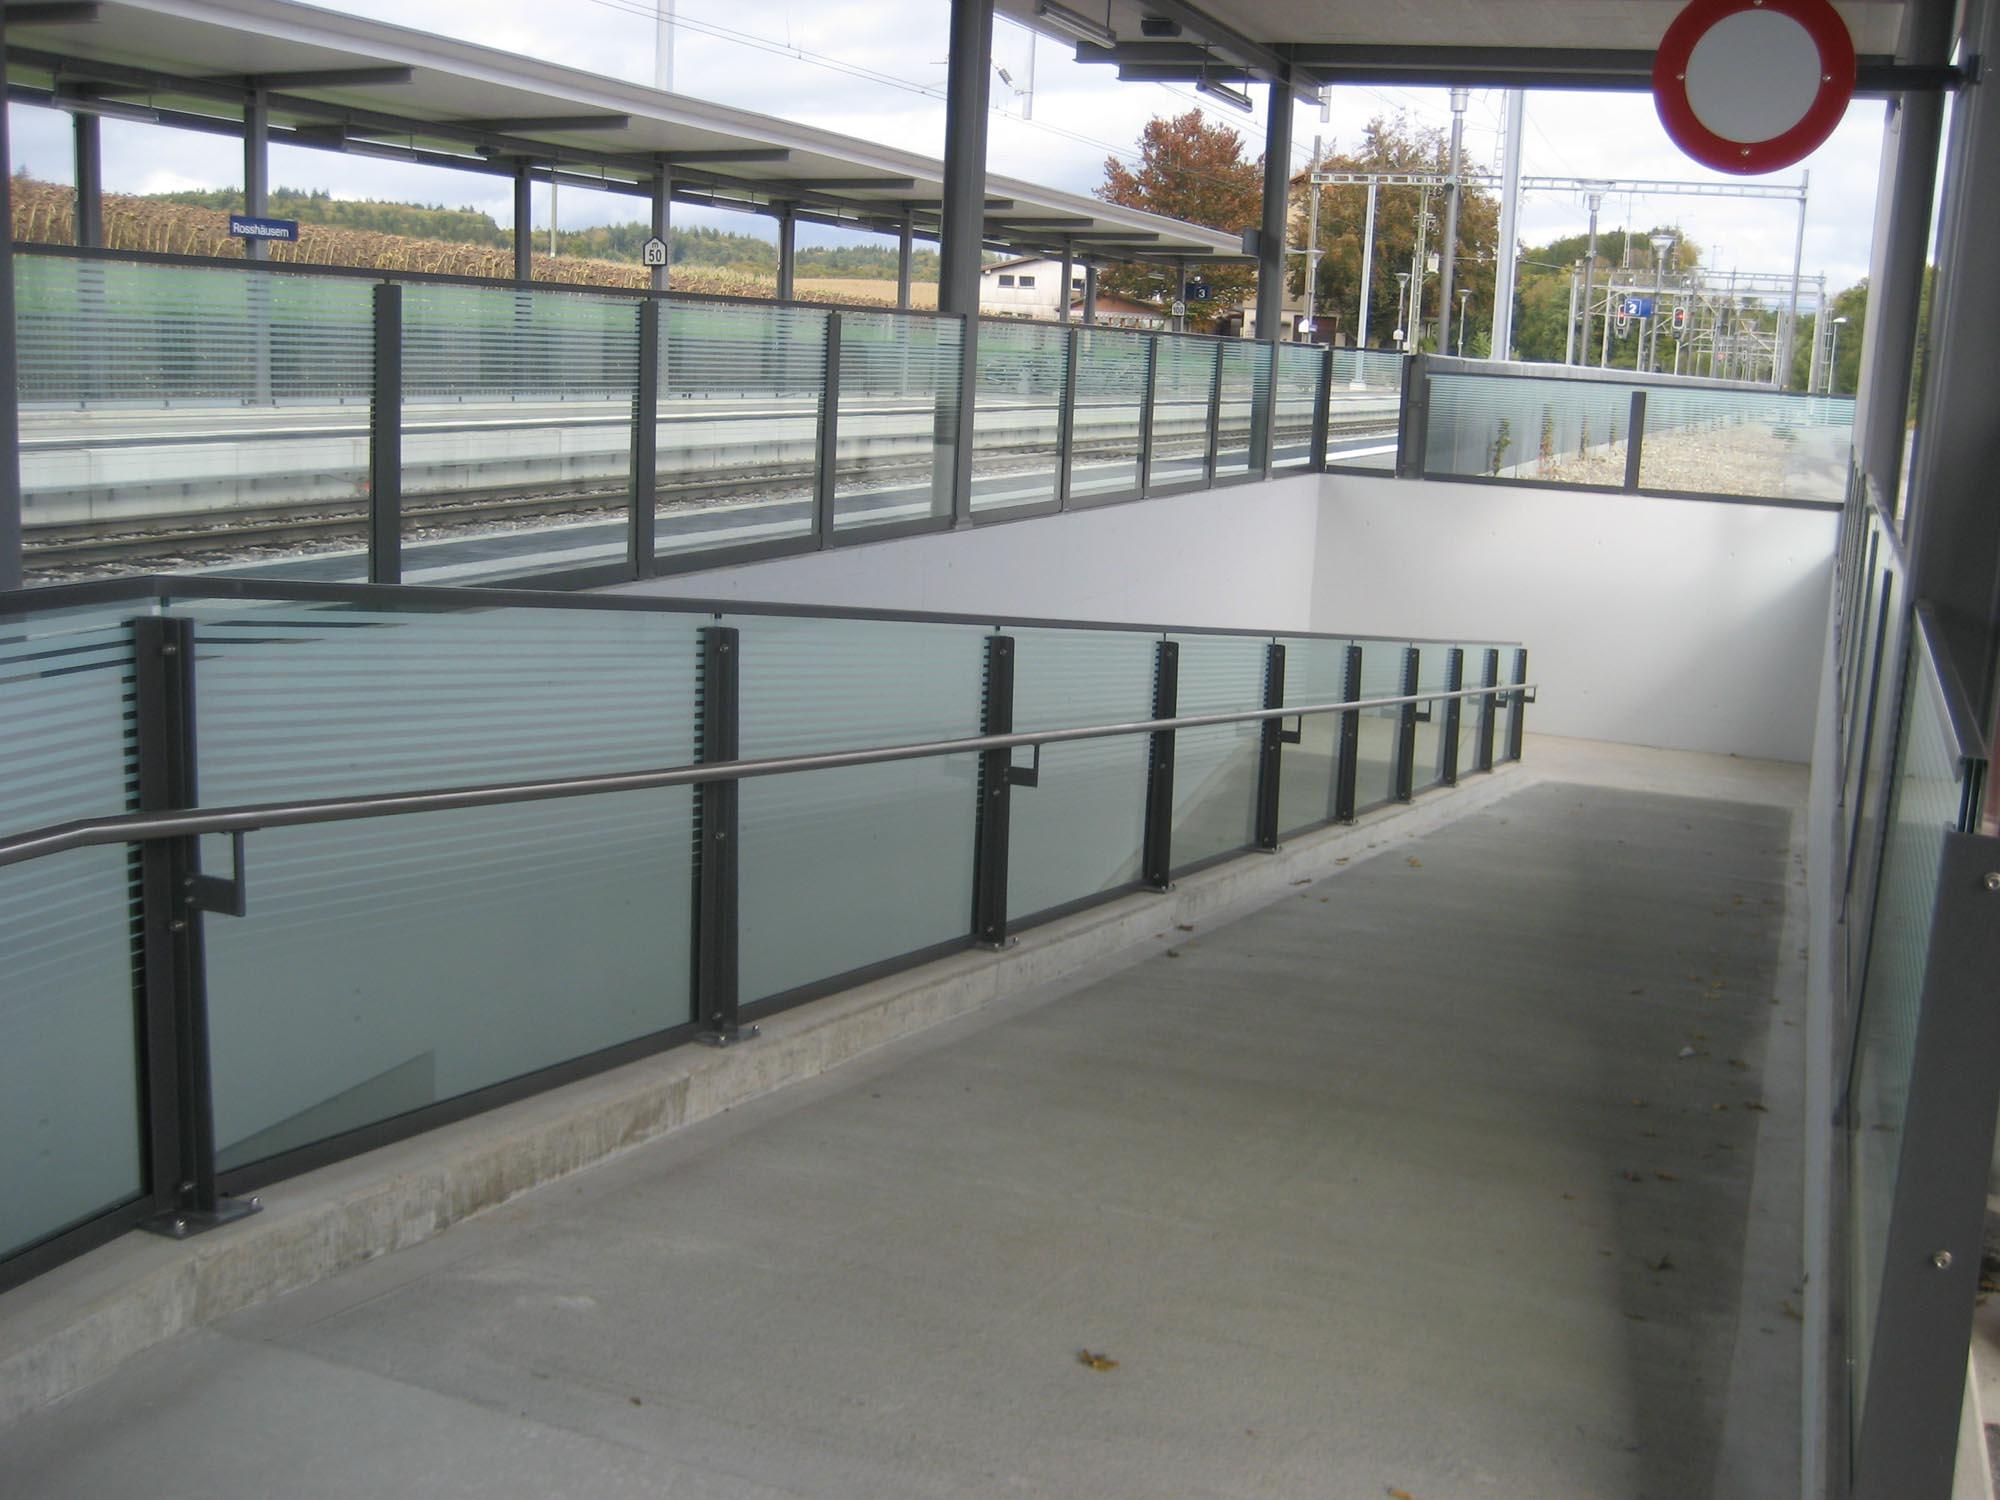 Geländer mit Handlauf am Bahnhof